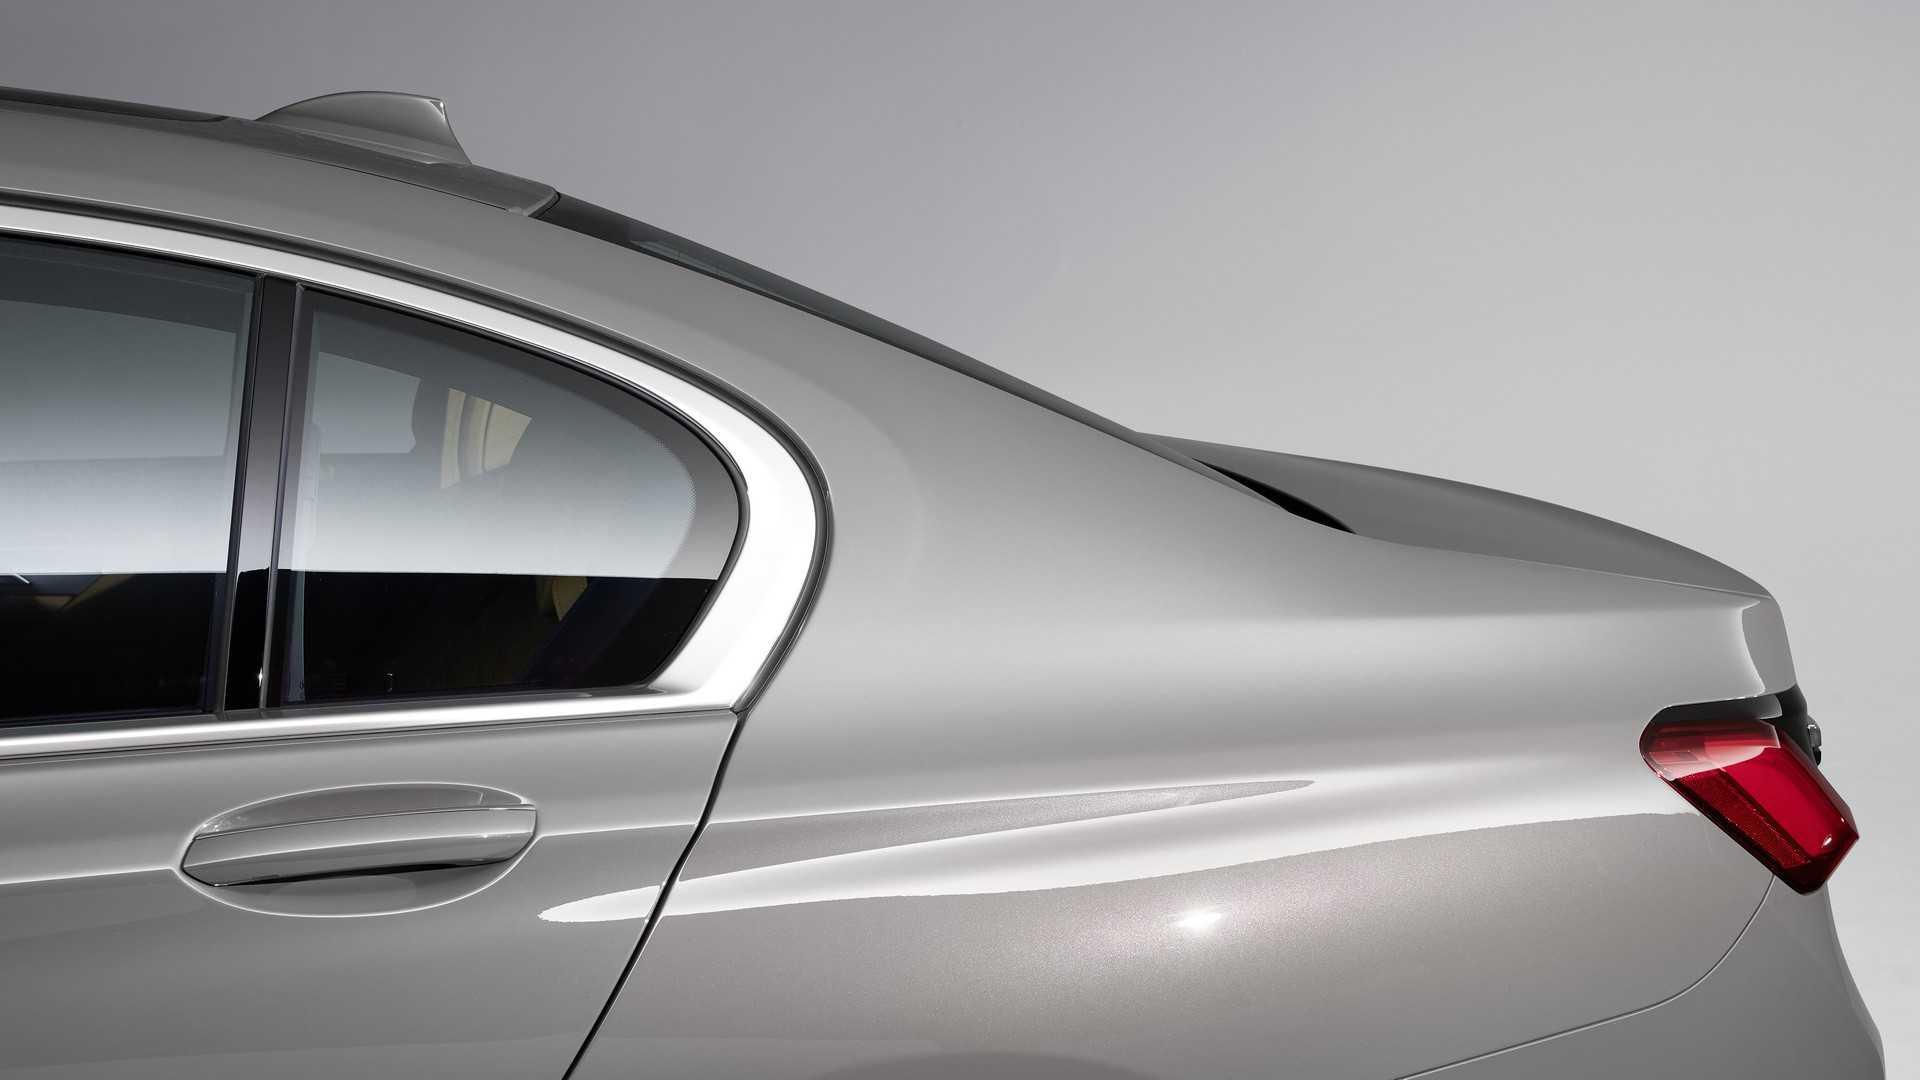 BMW 7 Series thế hệ mới sẽ có thêm bản chạy điện hoàn toàn - 8